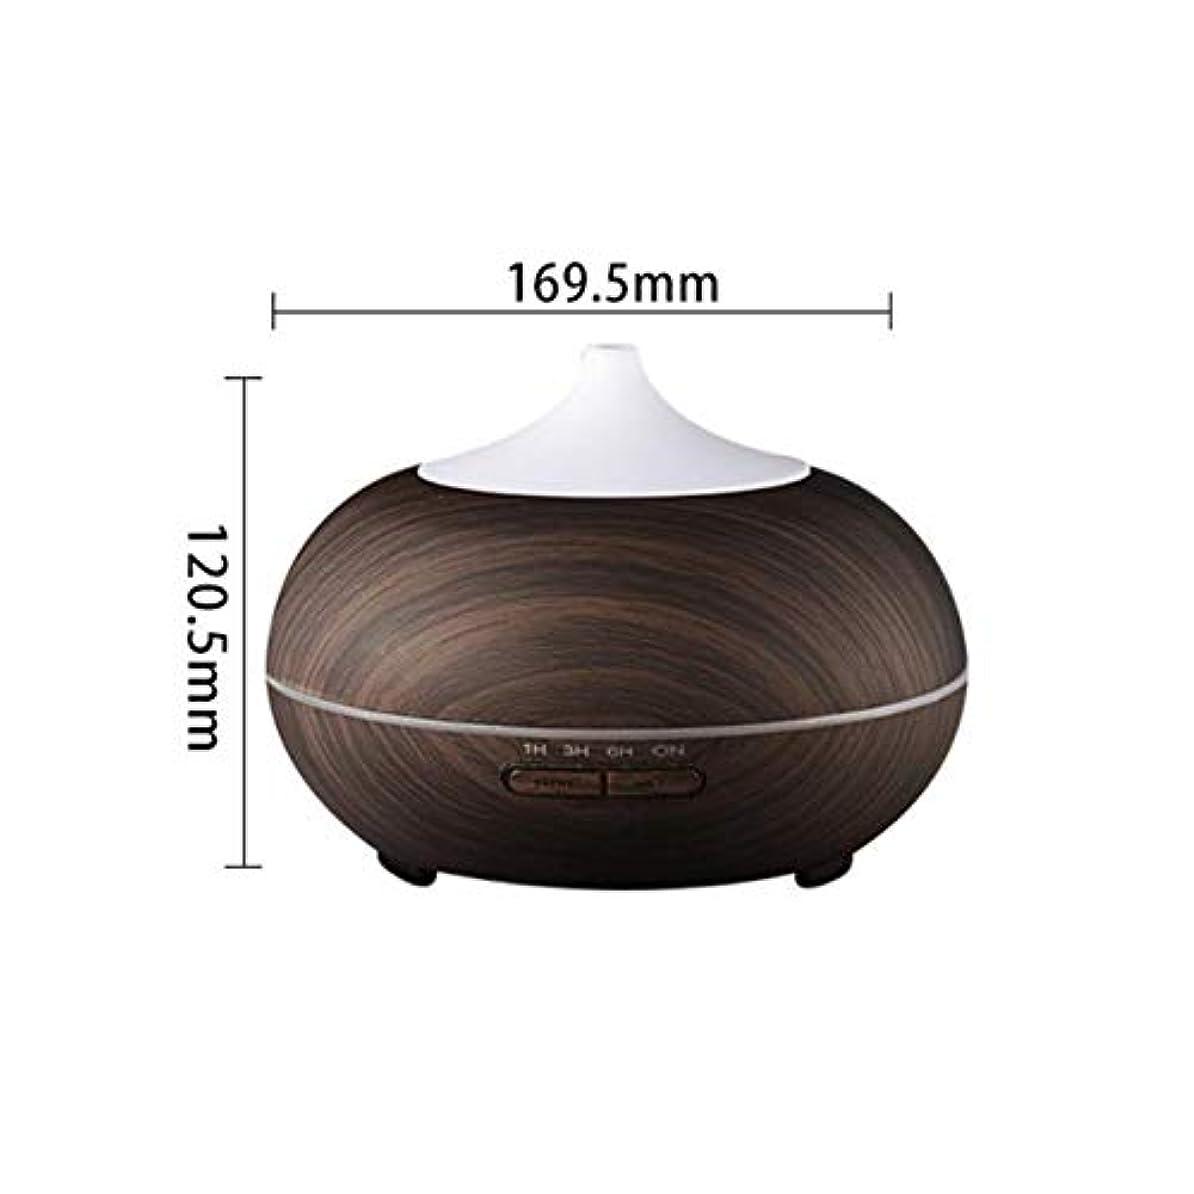 瀬戸際幸運なことに空虚木目 涼しい霧 加湿器,7 色 空気を浄化 加湿機 時間 手動 Wifiアプリコントロール 精油 ディフューザー アロマネブライザー Yoga- 300ml